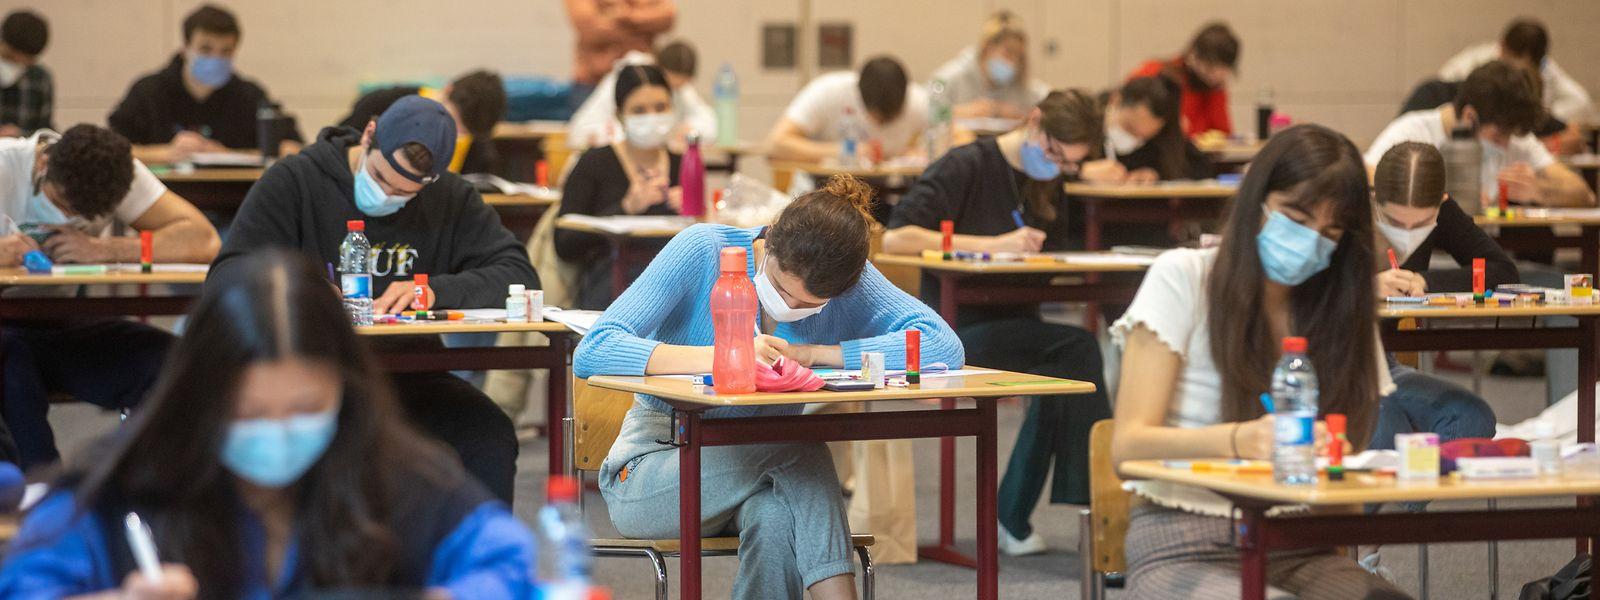 Les élèves de Première termineront leurs examens à la fin de la semaine. Les résultats des épreuves devraient être connus au mois de juillet.